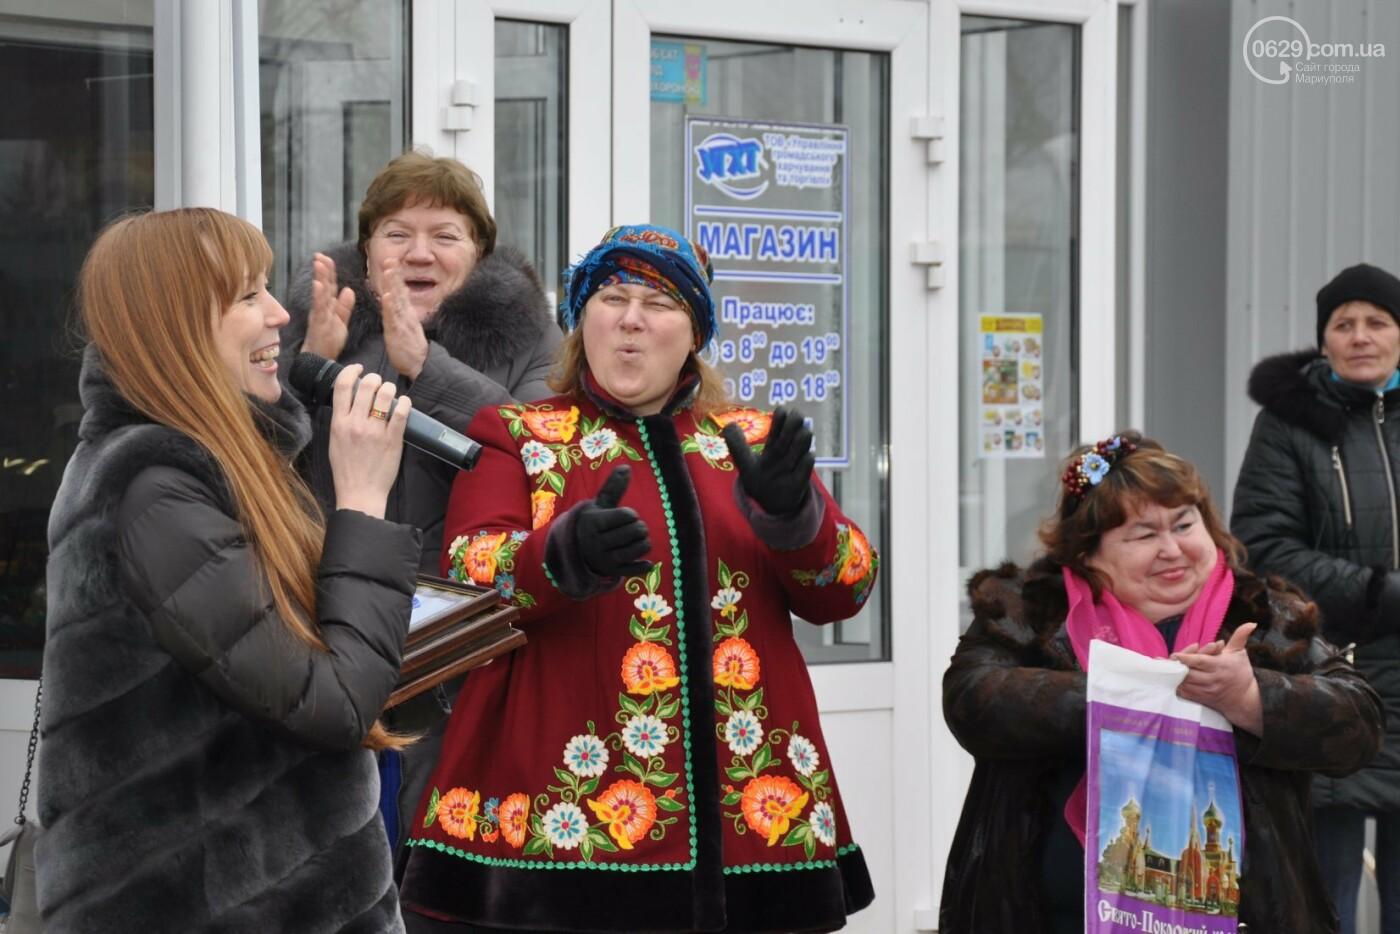 В селе Боевое испекли 17000 блинов и установили новый рекорд Украины, фото-31